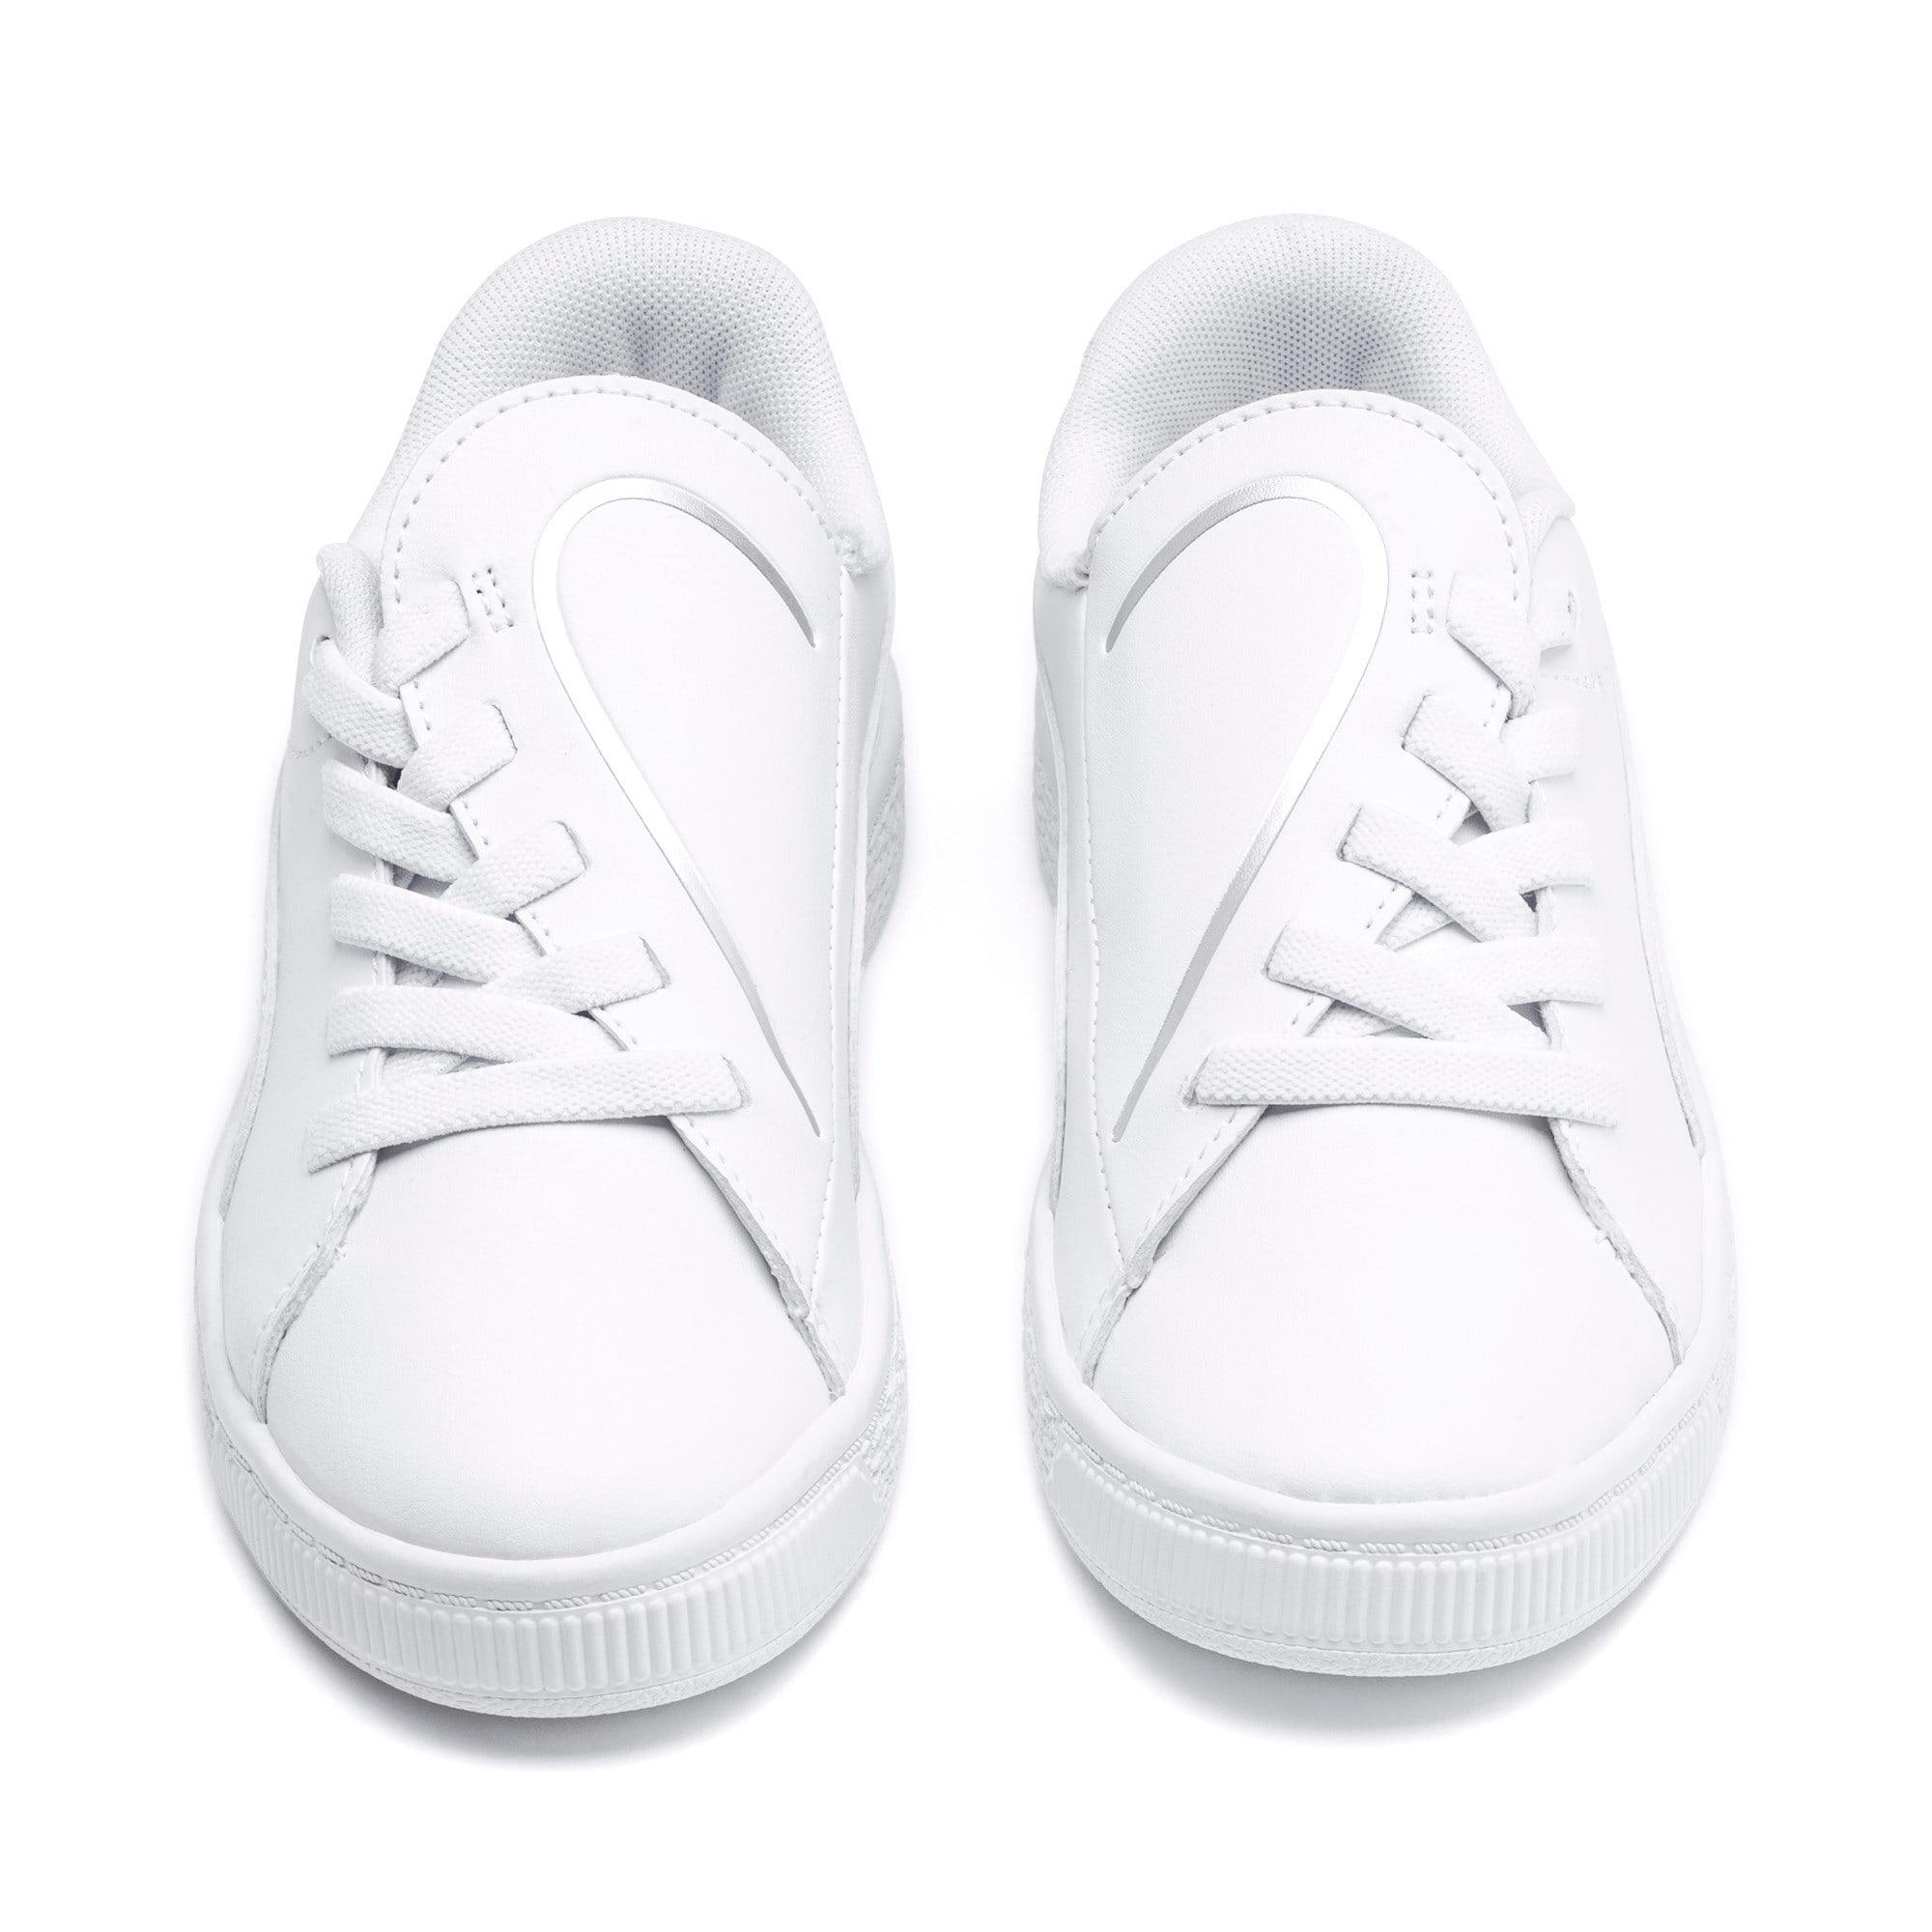 Miniatura 7 de Zapatos Basket Crush AC para niños, Puma White-Puma Silver, mediano